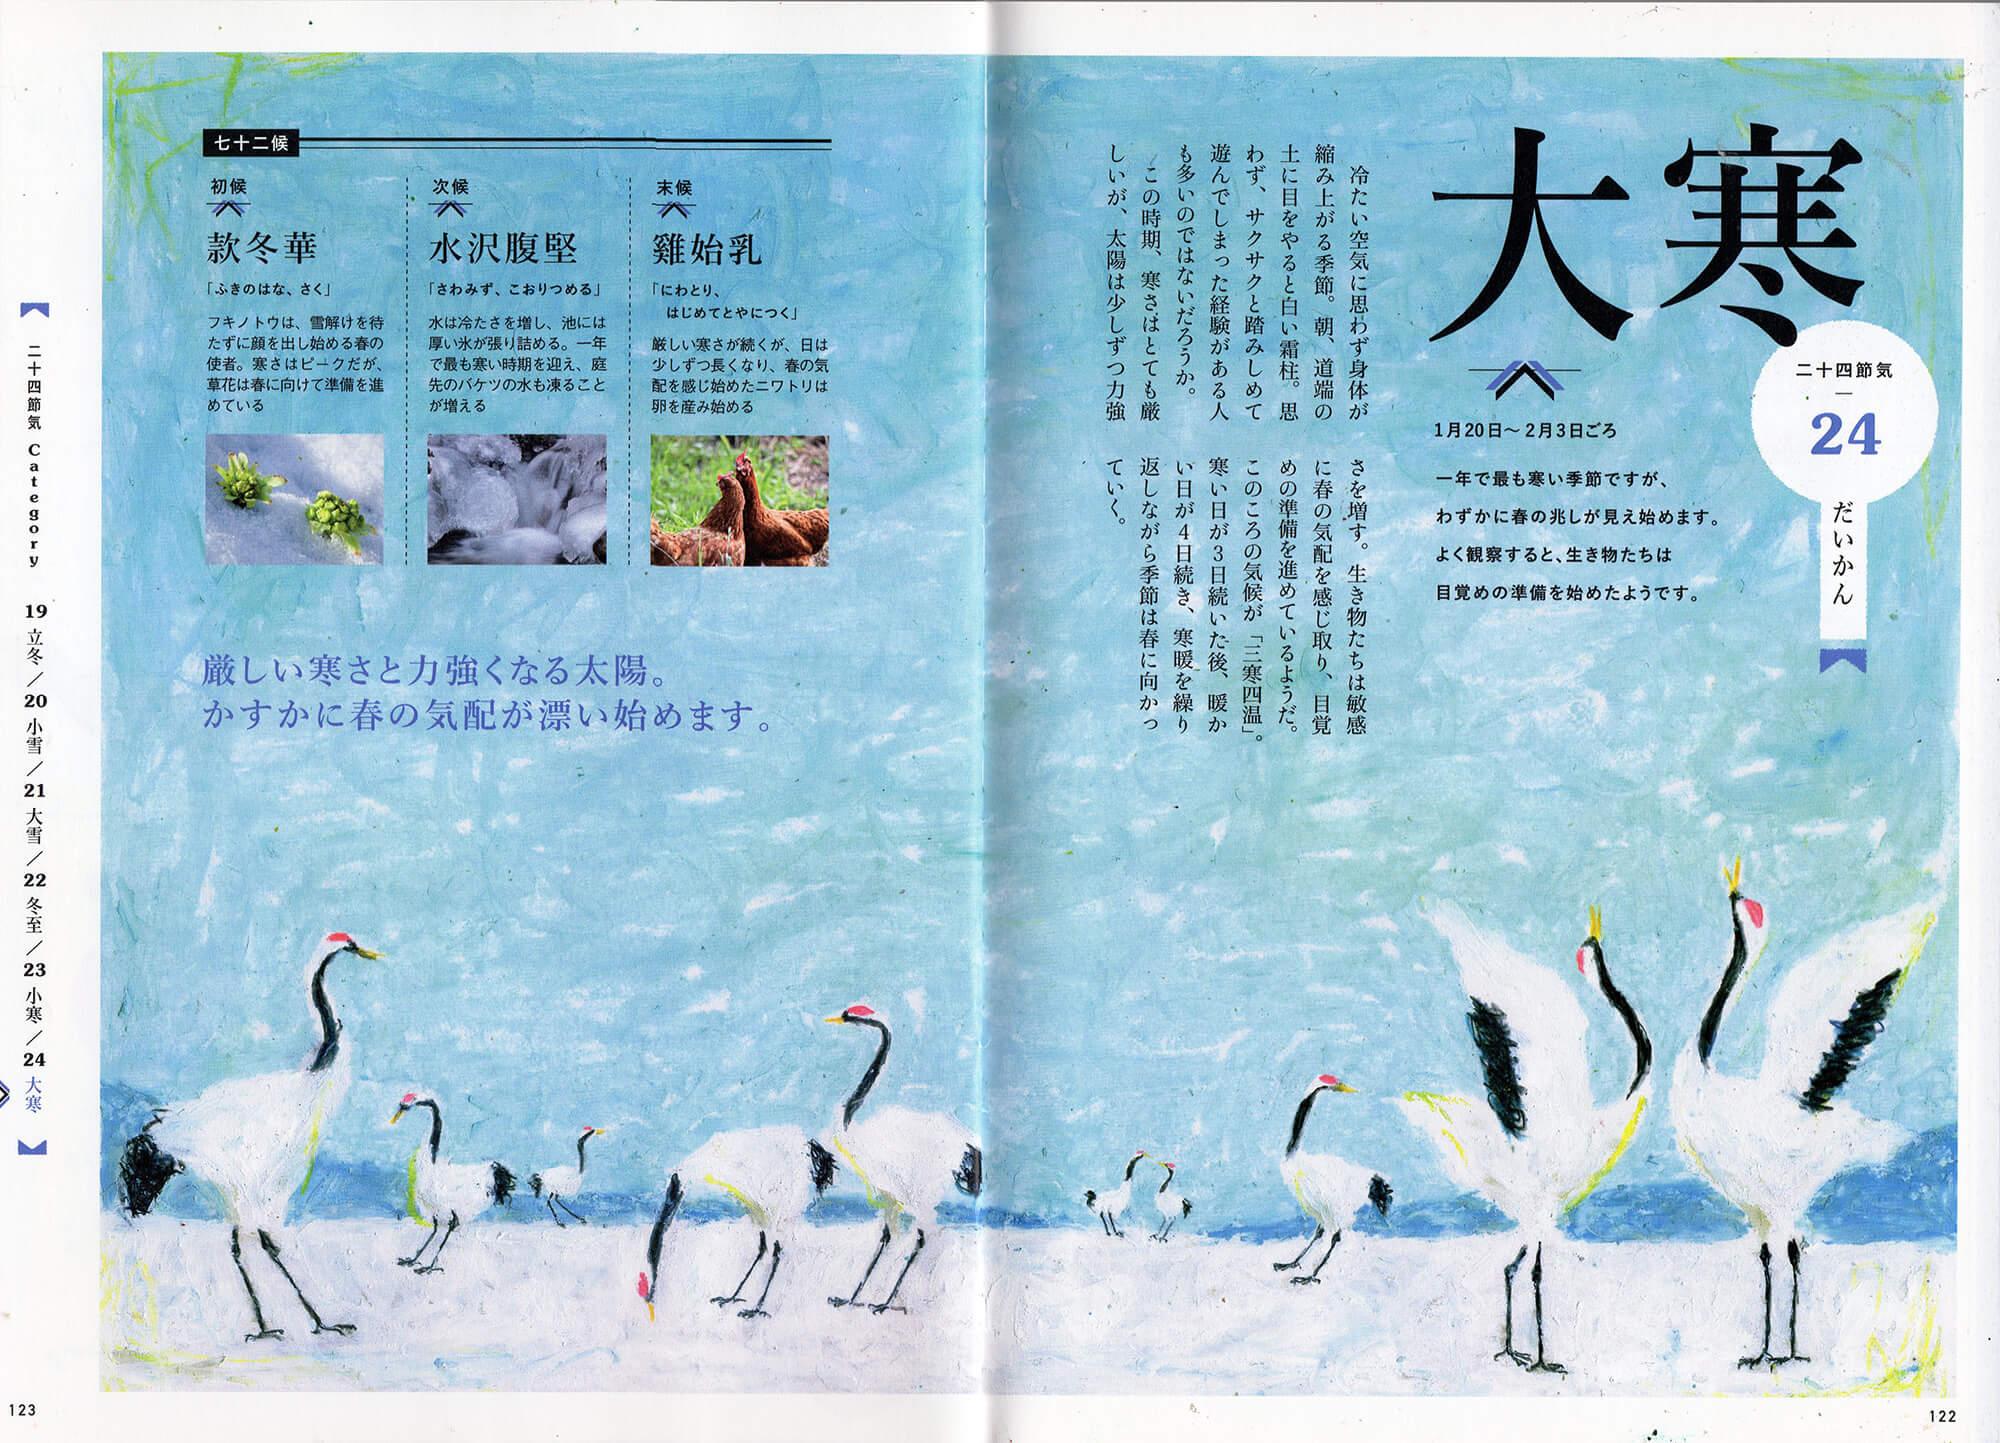 「にっぽんの七十二候」挿絵 枻出版「大寒」